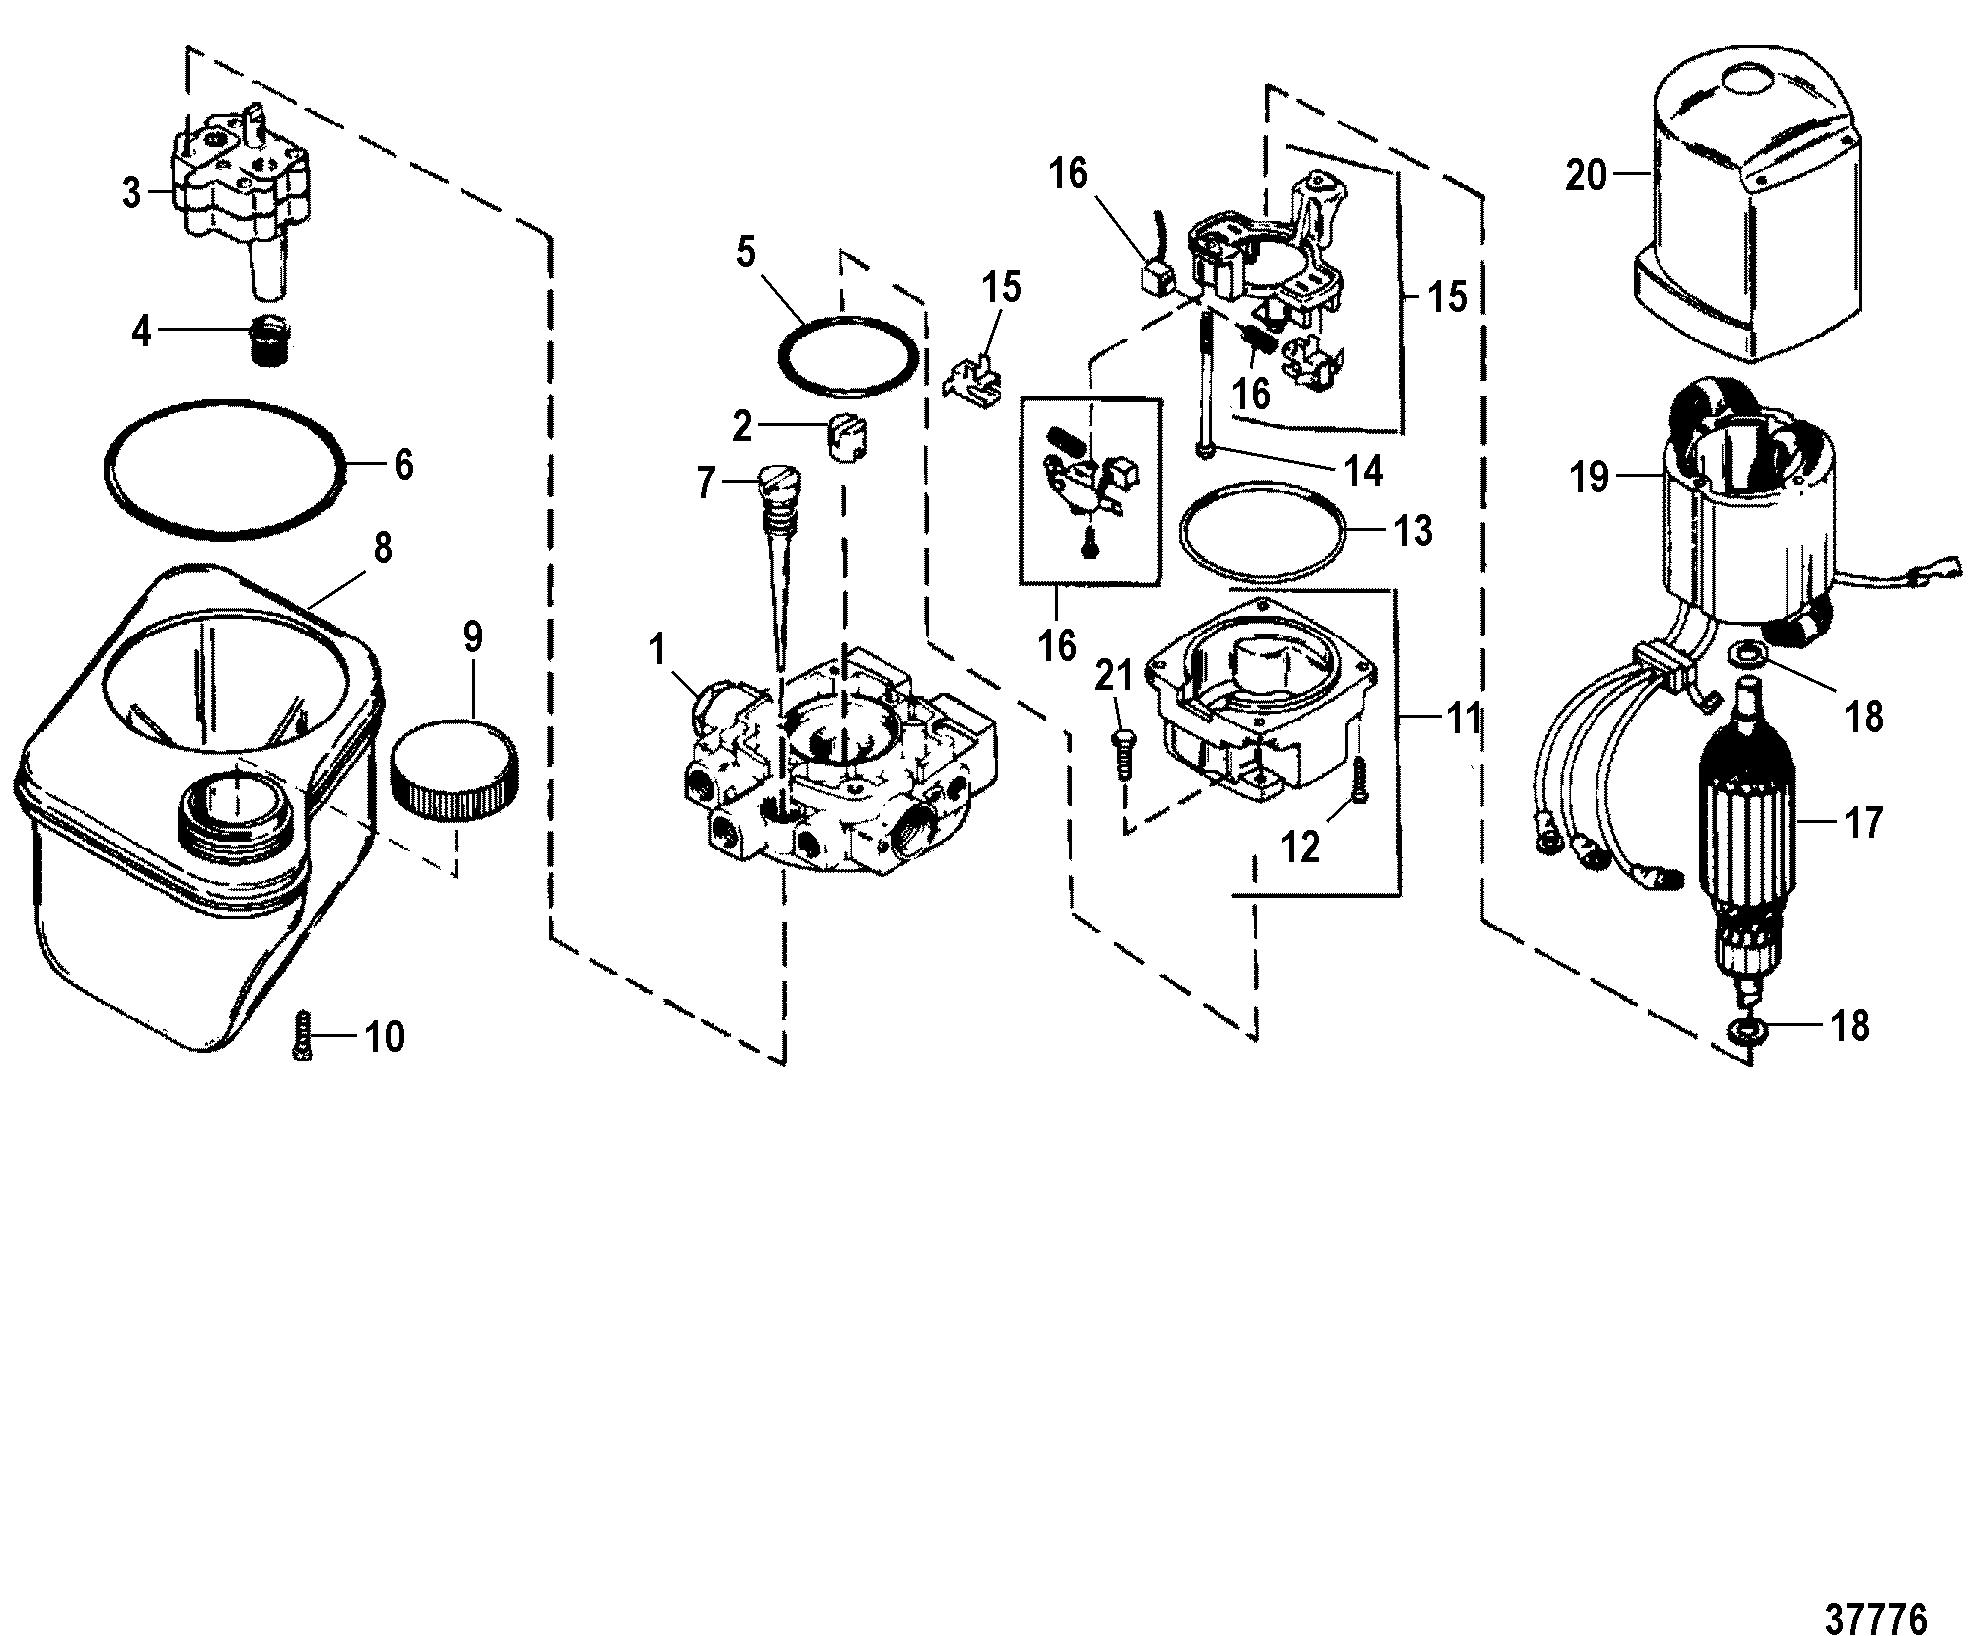 Fantastic Alpha One Trim Wiring Diagram Crest - Wiring Diagram Ideas ...